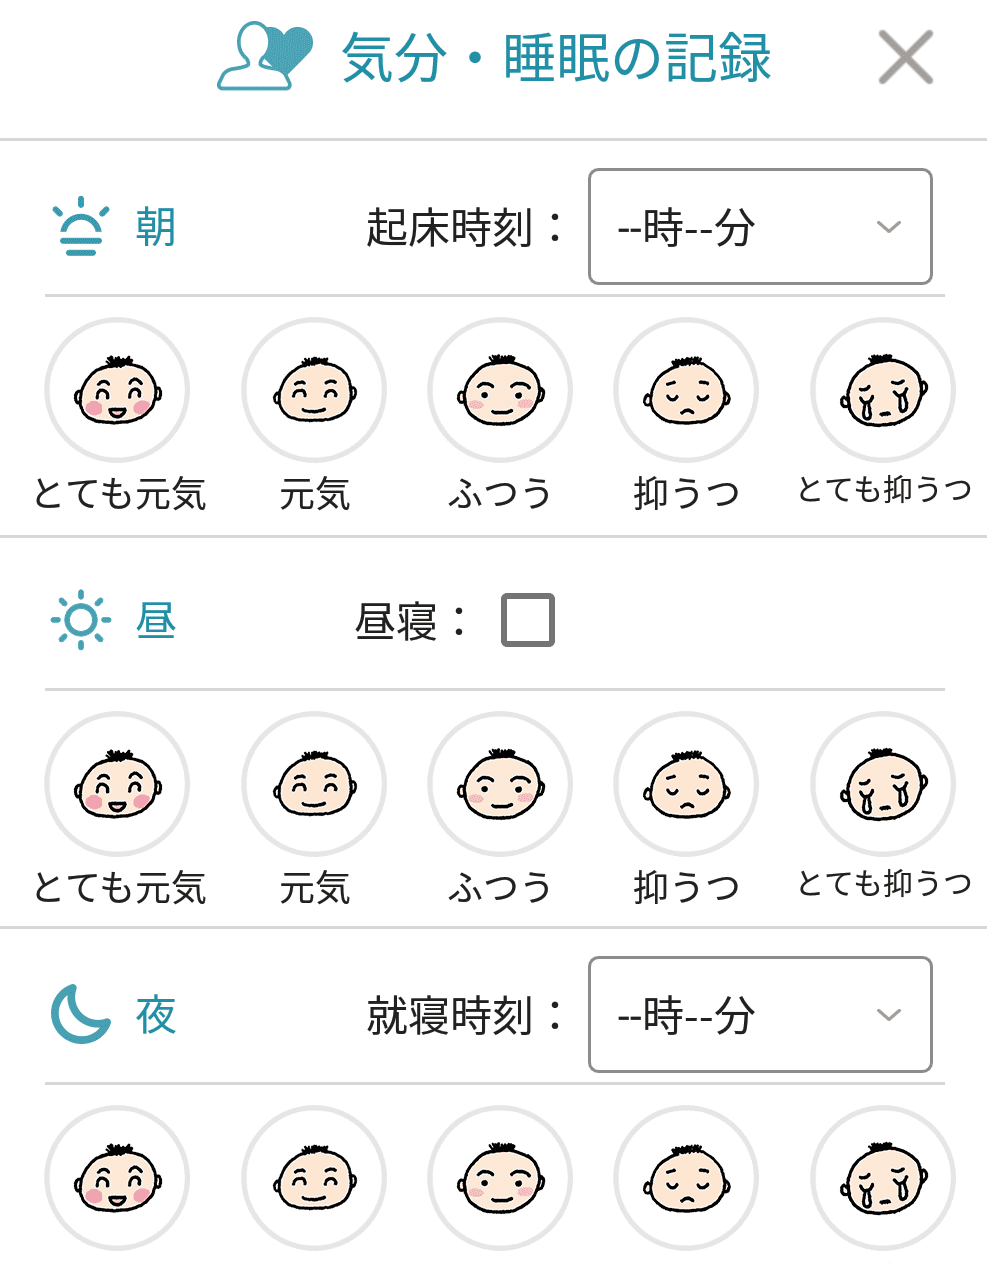 うつレコアプリ睡眠管理画面